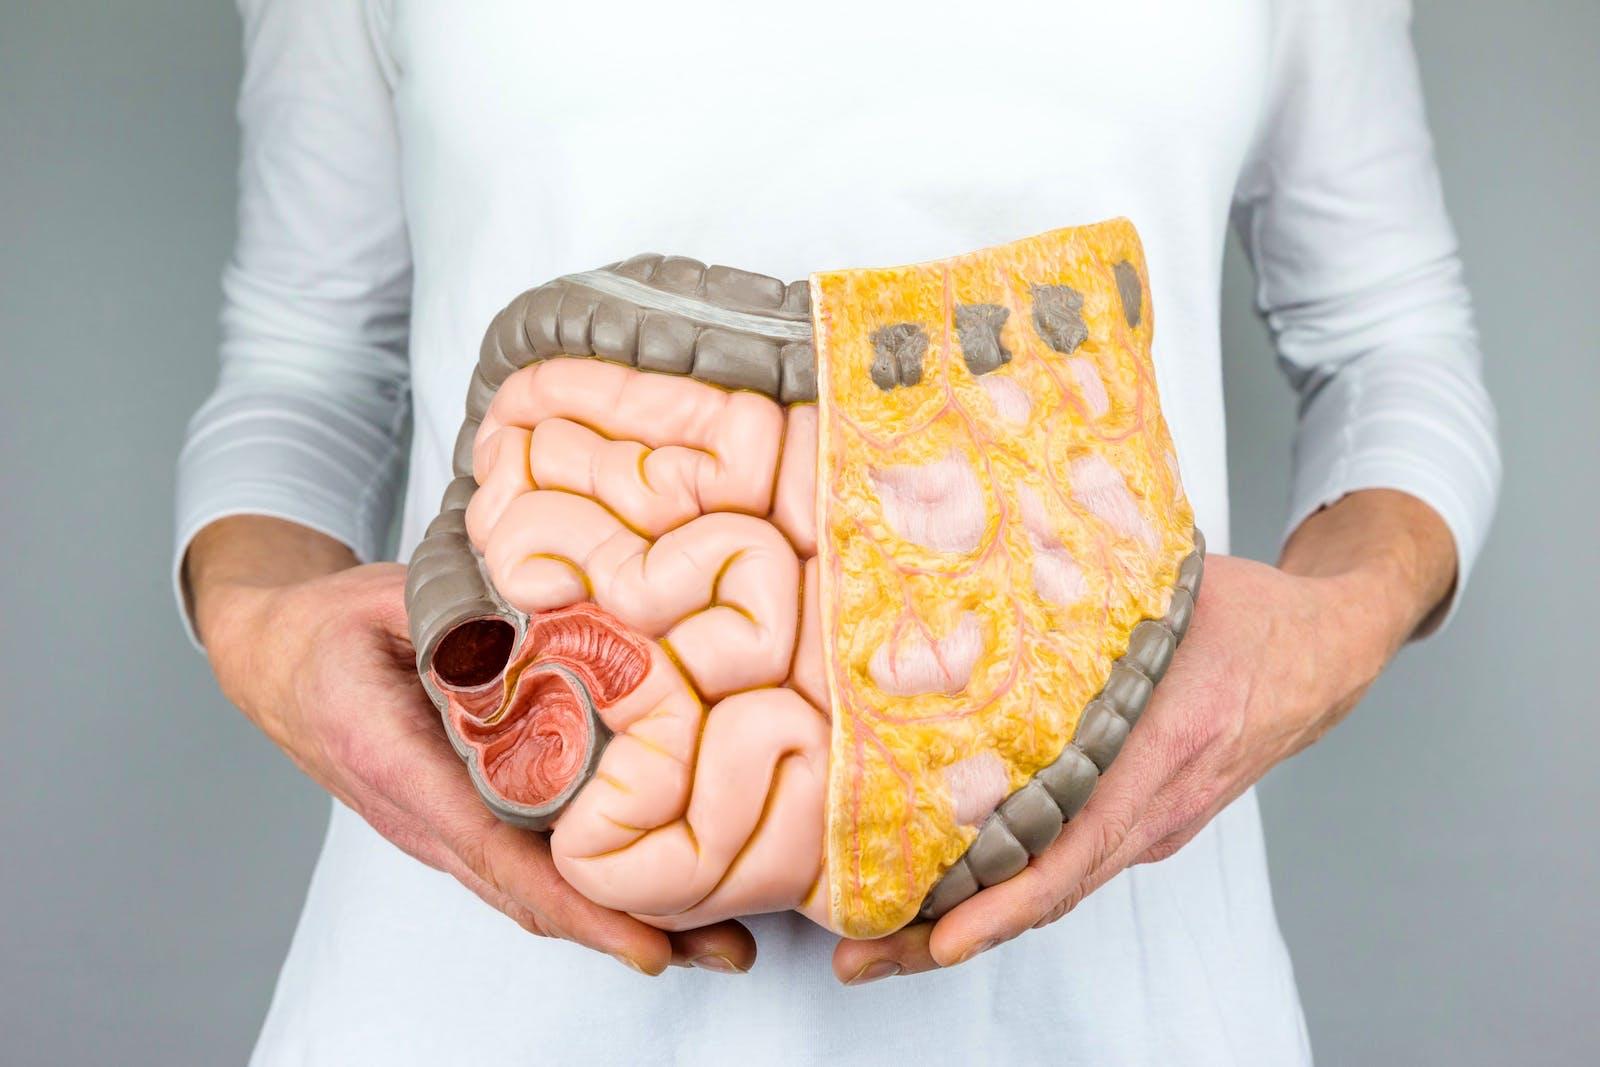 صورة دراسة بريطانية تكشف علاقة اللحوم الحمراء بسرطان الأمعاء